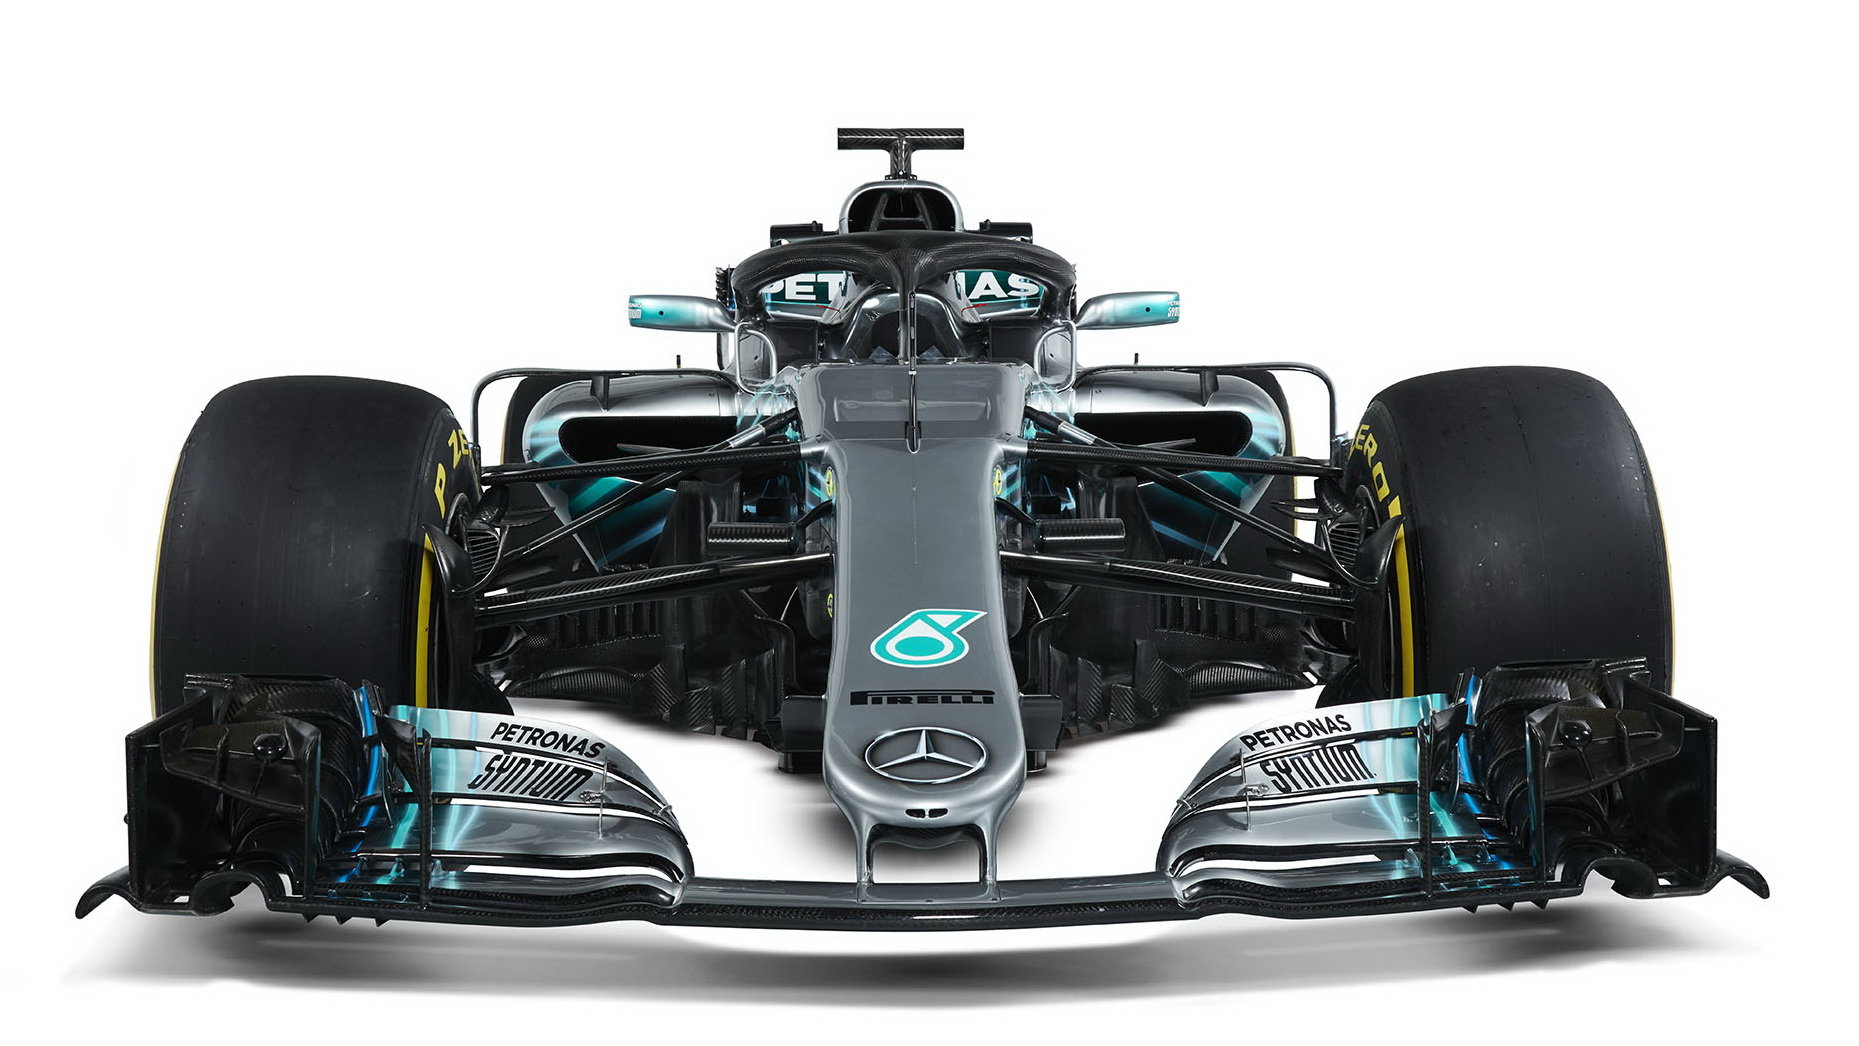 Představení nového vozu Mercedes F1 W09 EQ Power+ pro sezónu 2018